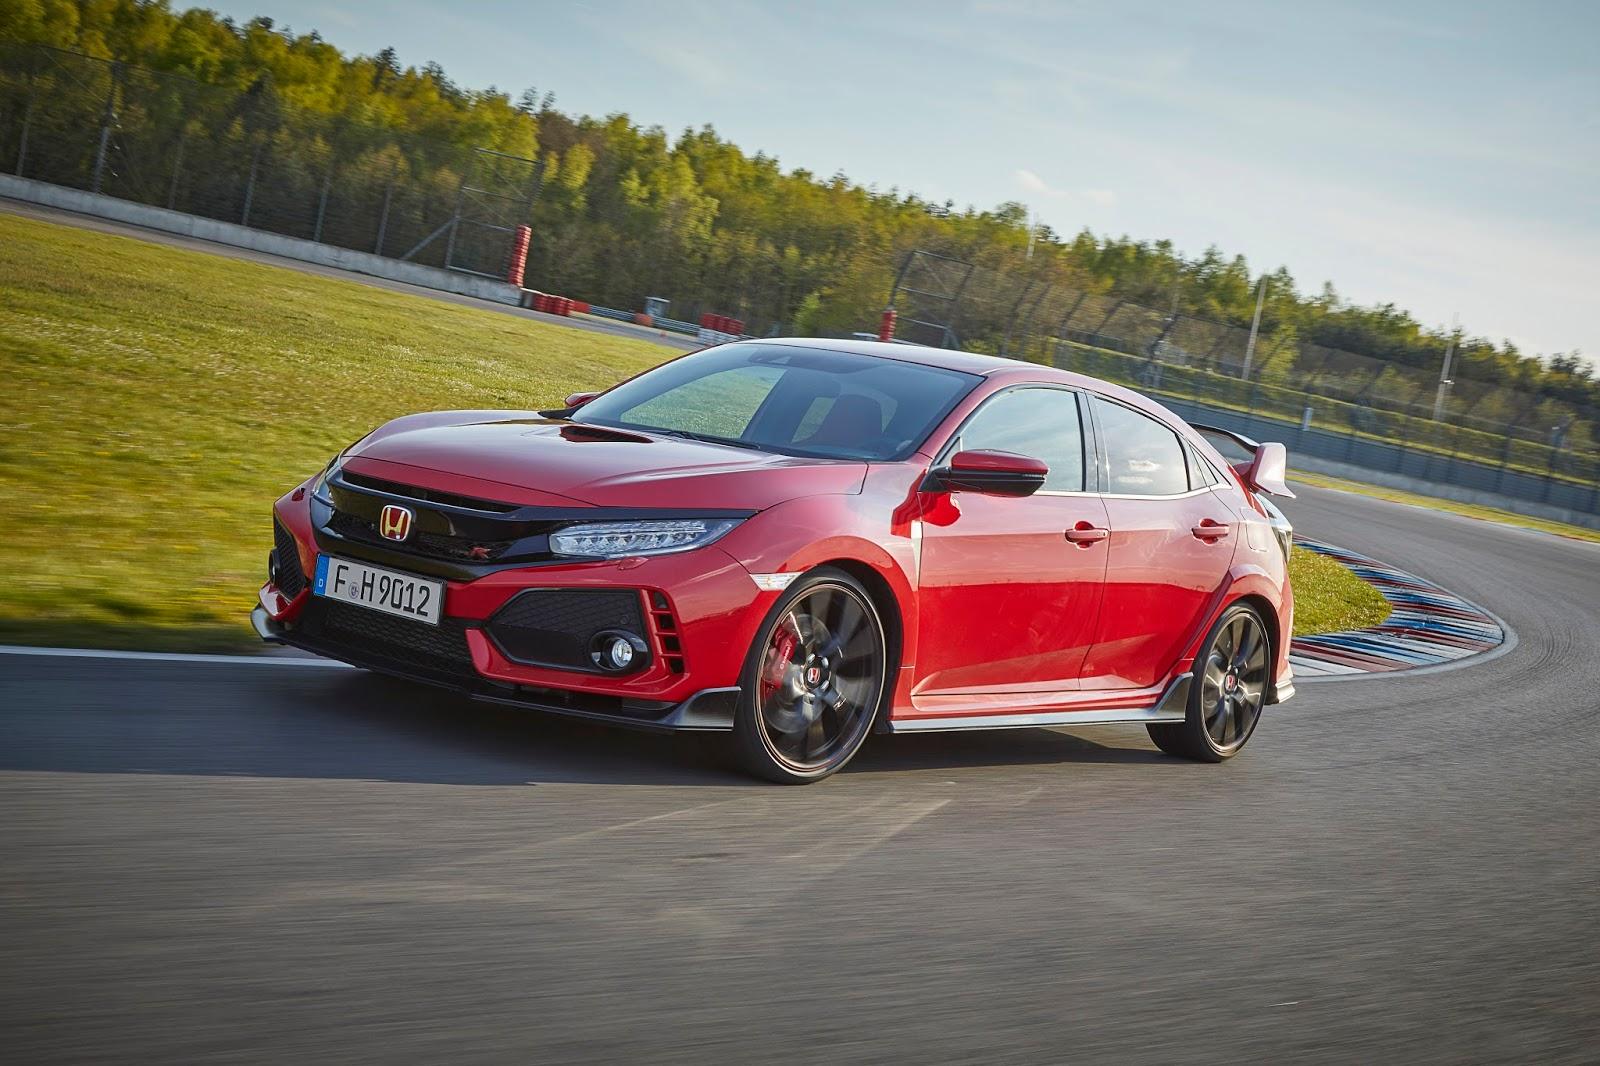 Μεγάλη διάκριση για το Honda Civic Type R που κέρδισε το βραβείο sport auto 2017